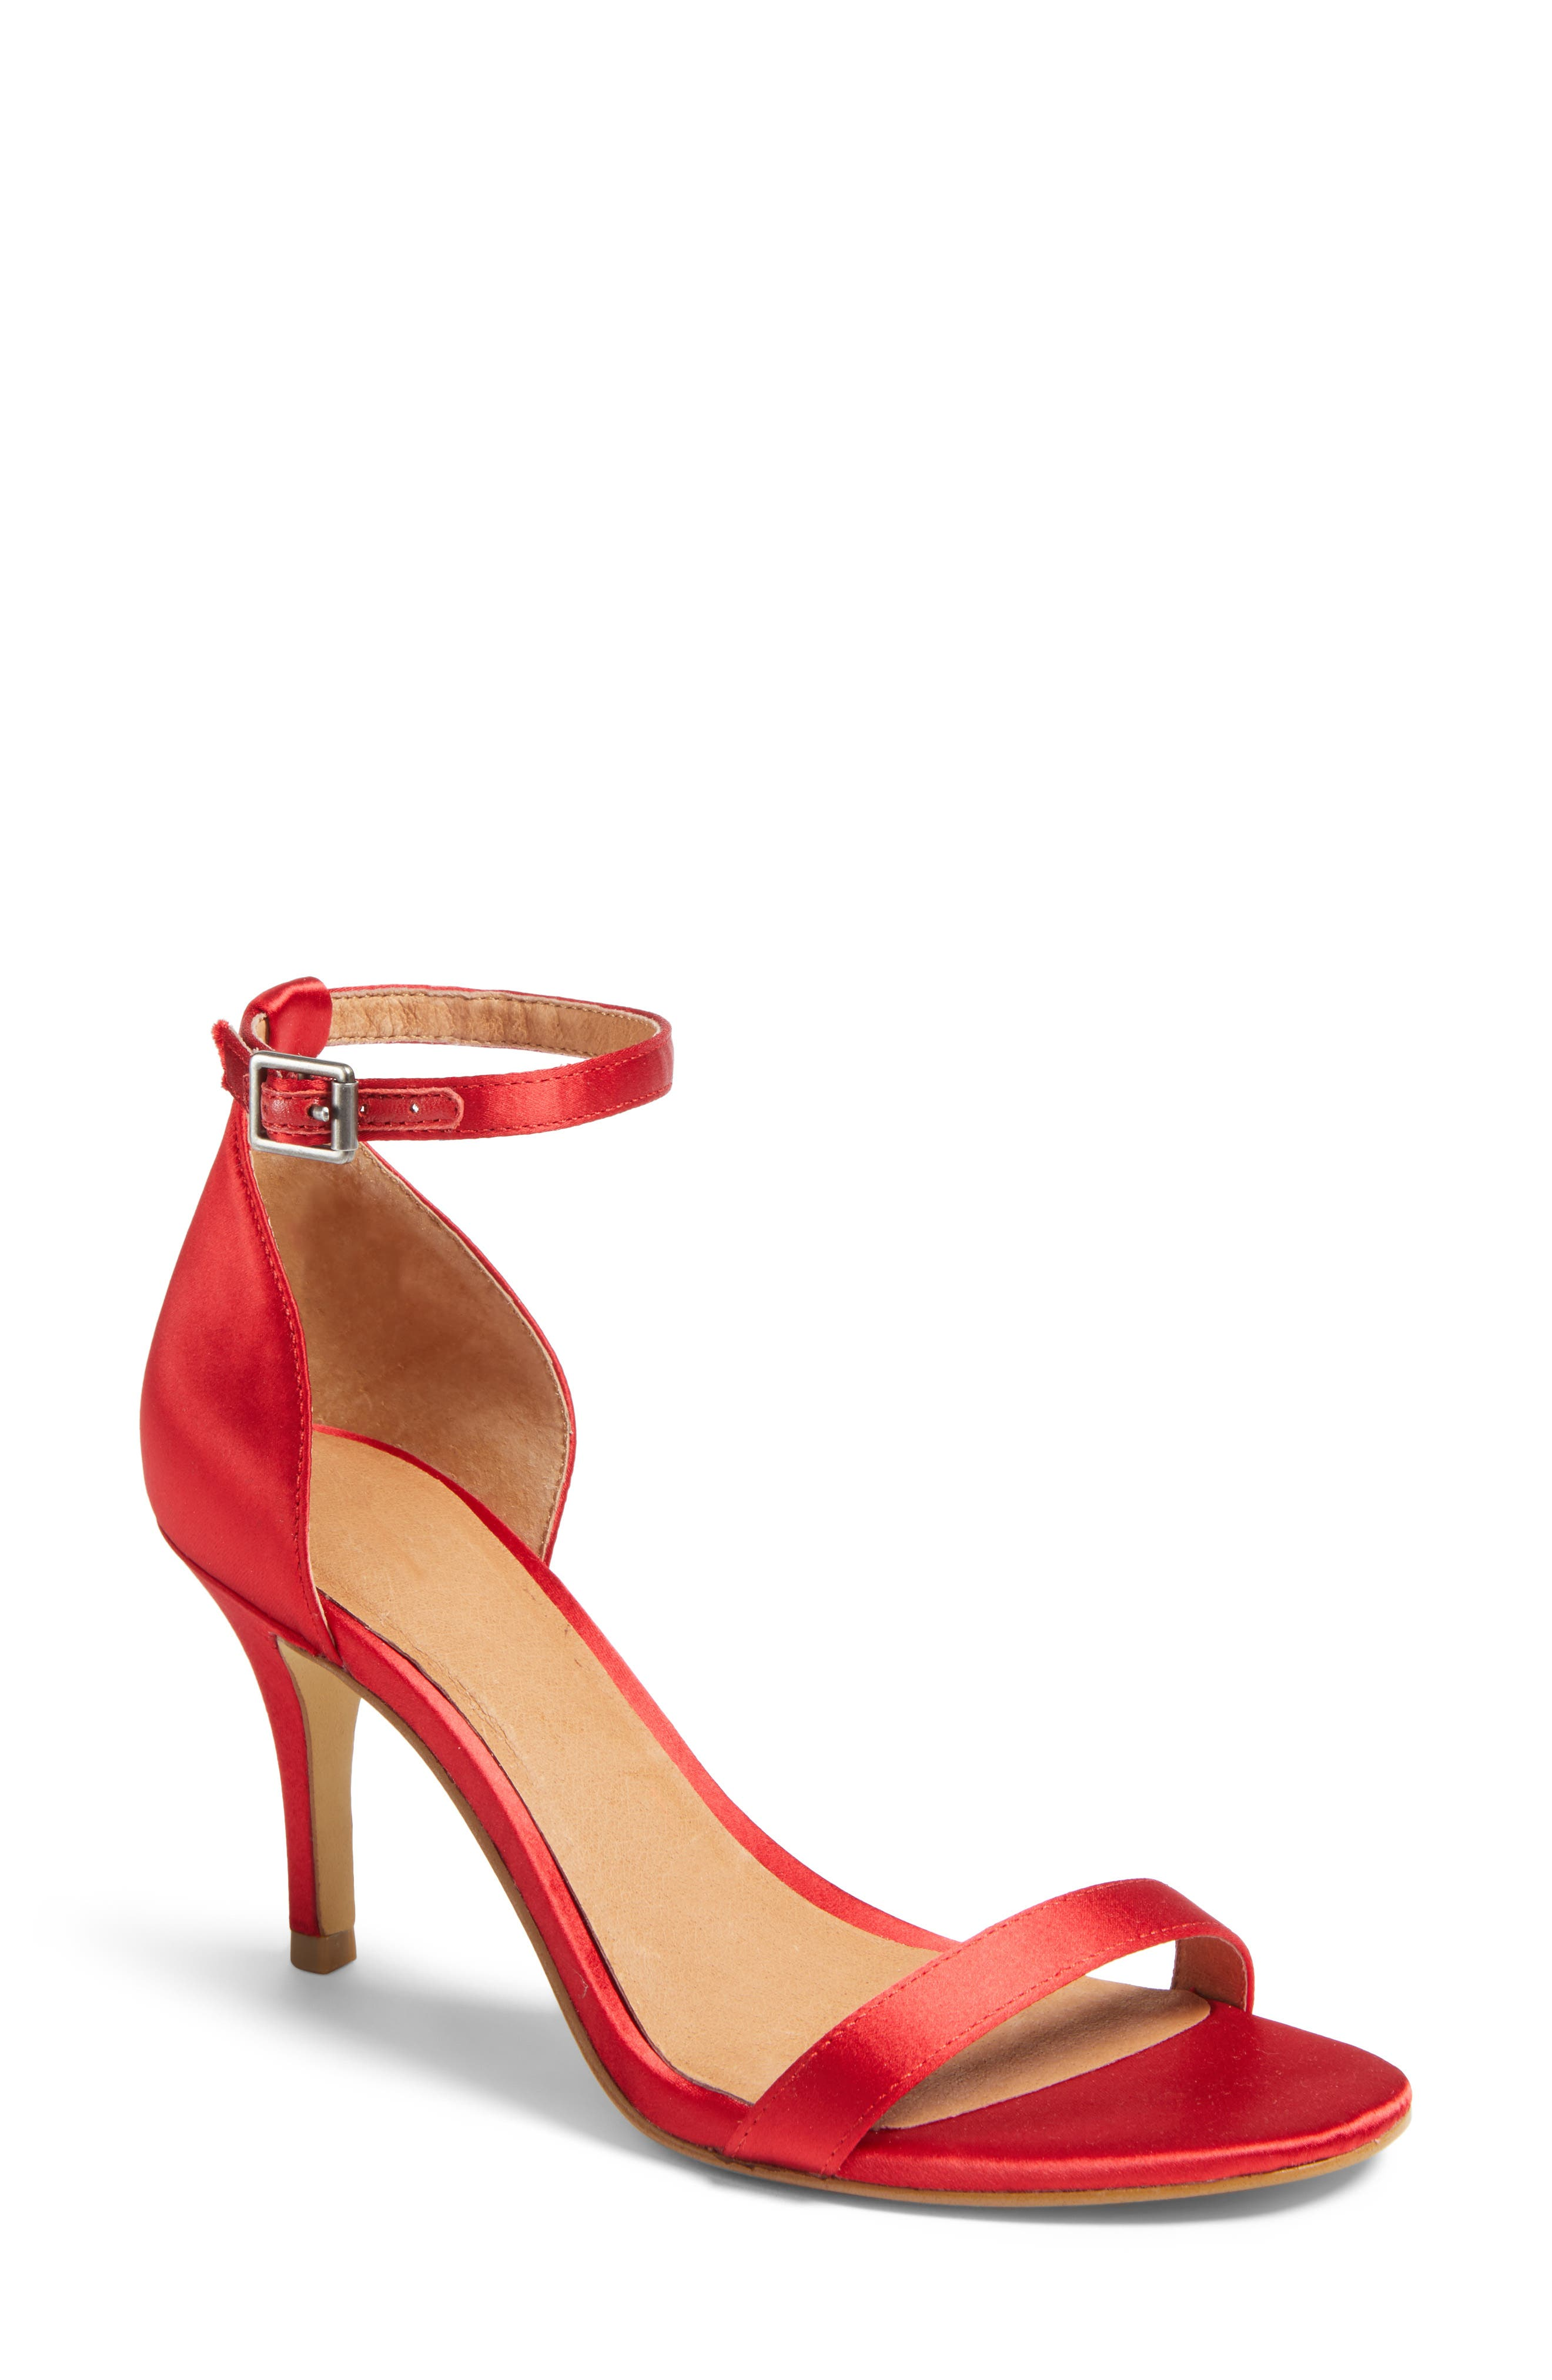 Alternate Image 1 Selected - Halogen® Audrey Ankle Strap Sandal (Women)